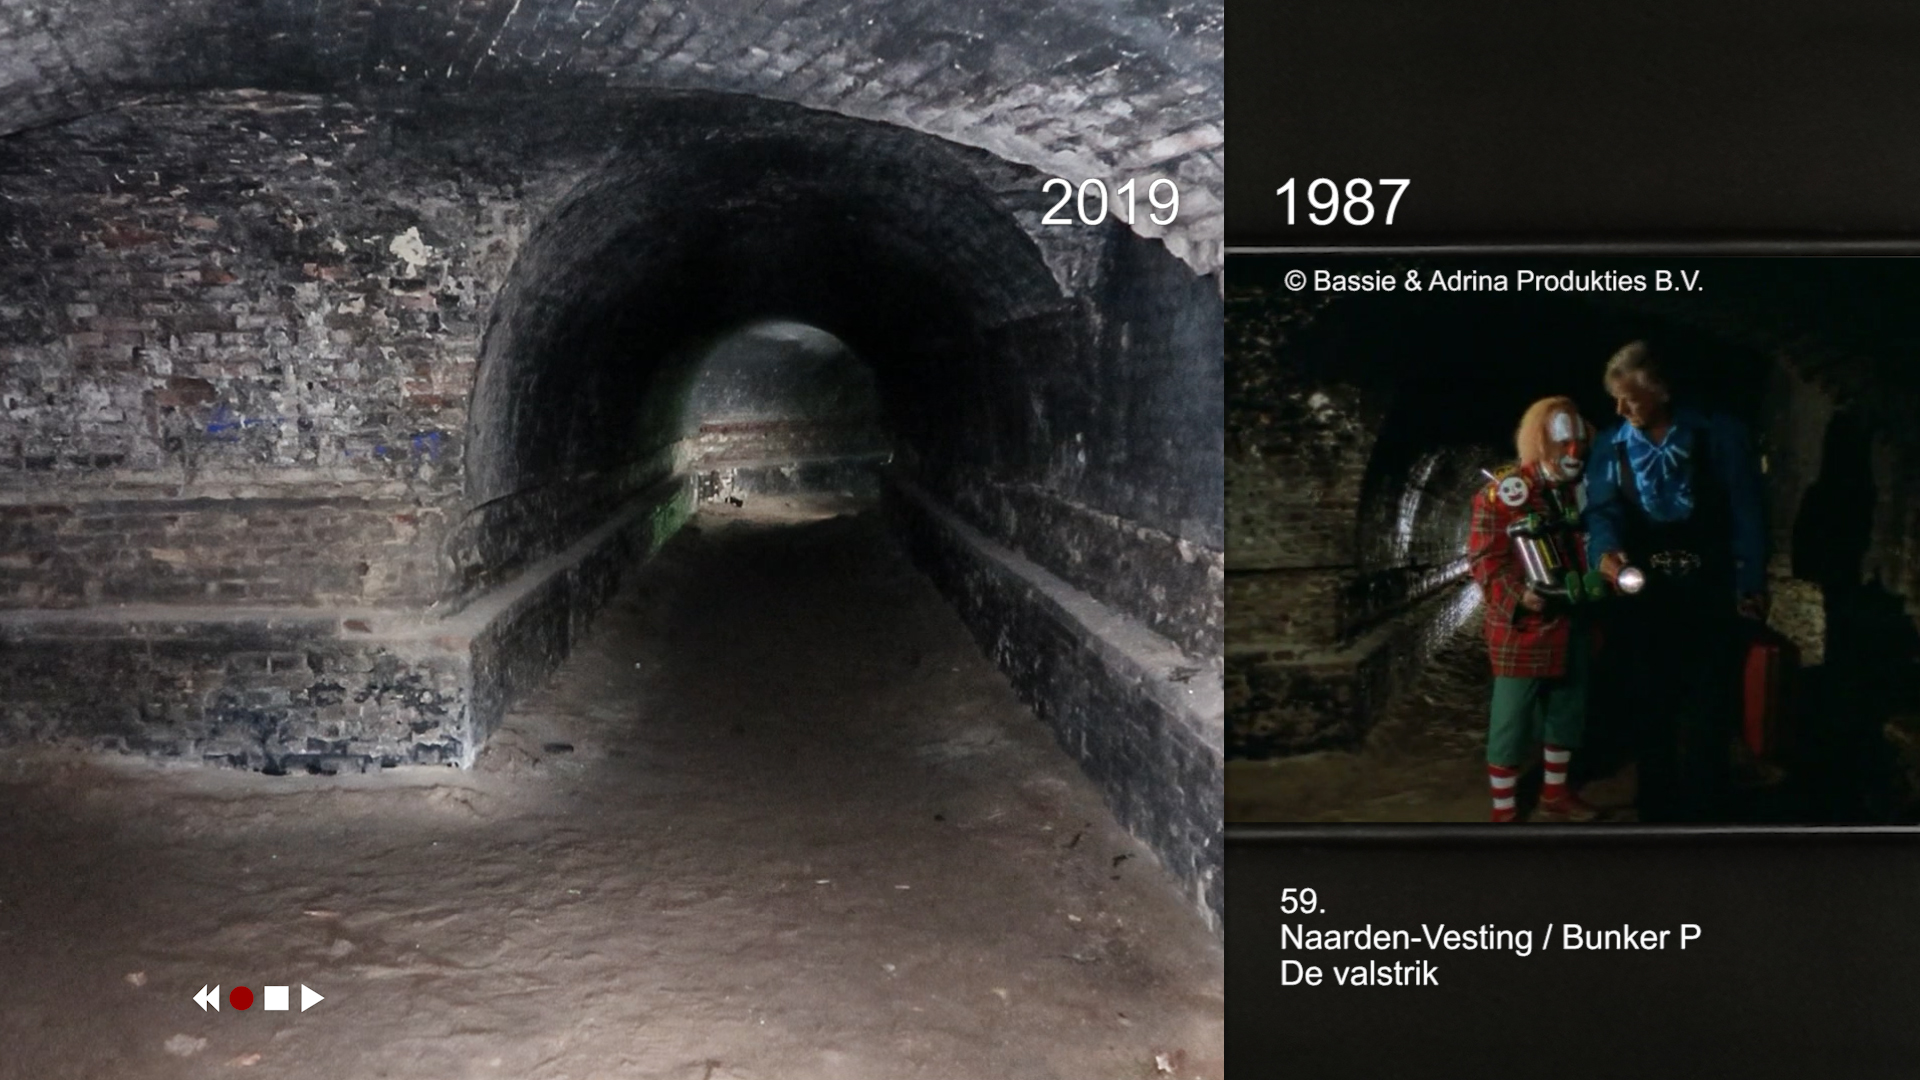 Bassie en Adriaan / Naarden Vesting bunker P